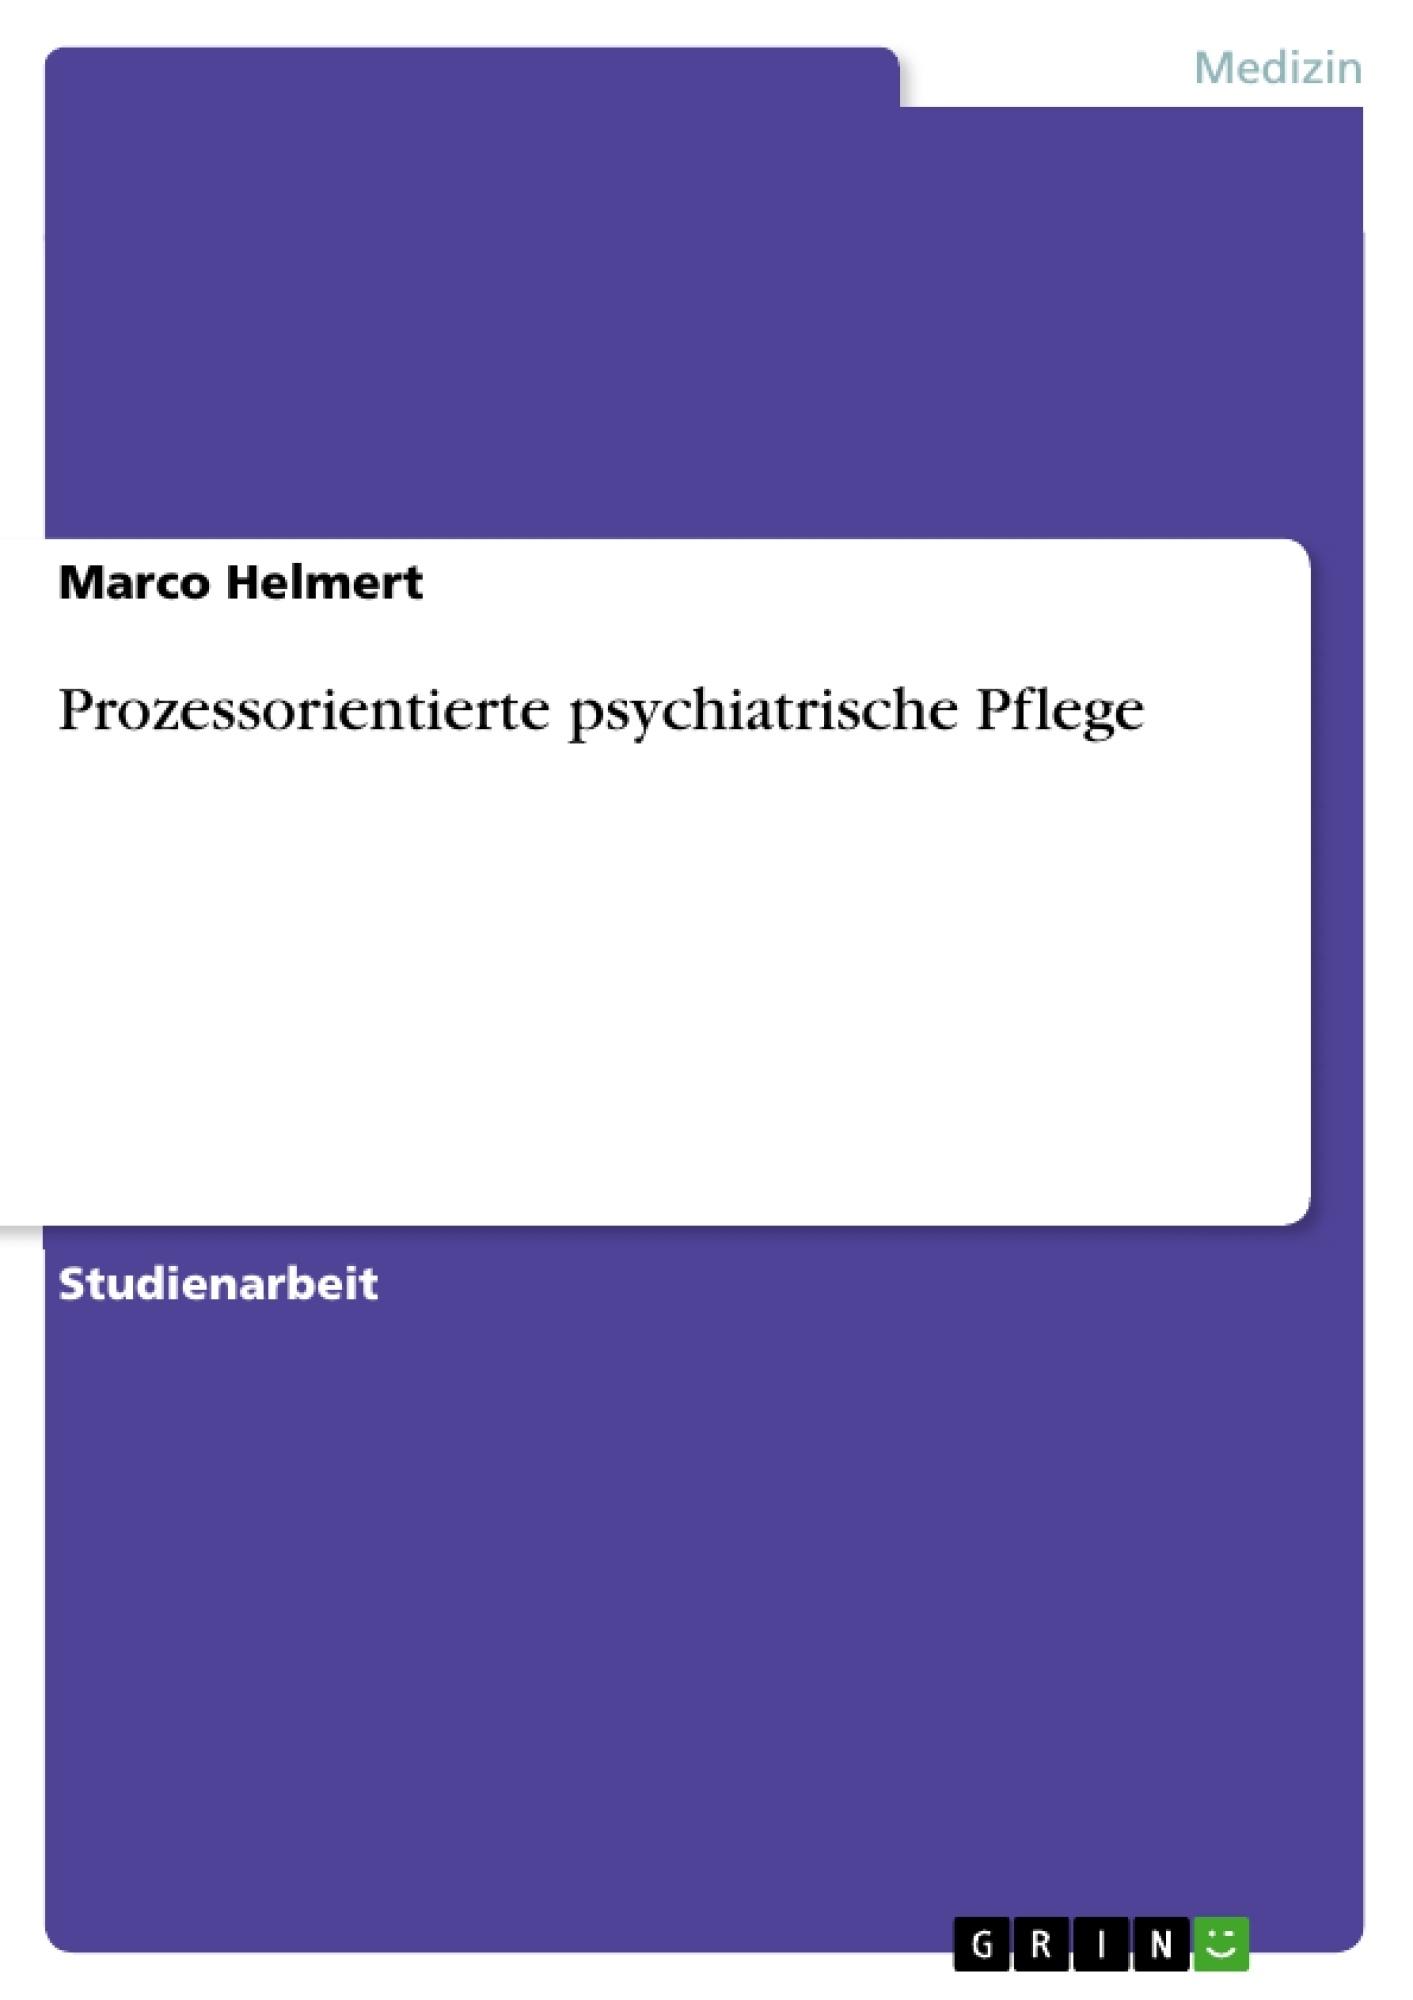 Titel: Prozessorientierte psychiatrische Pflege